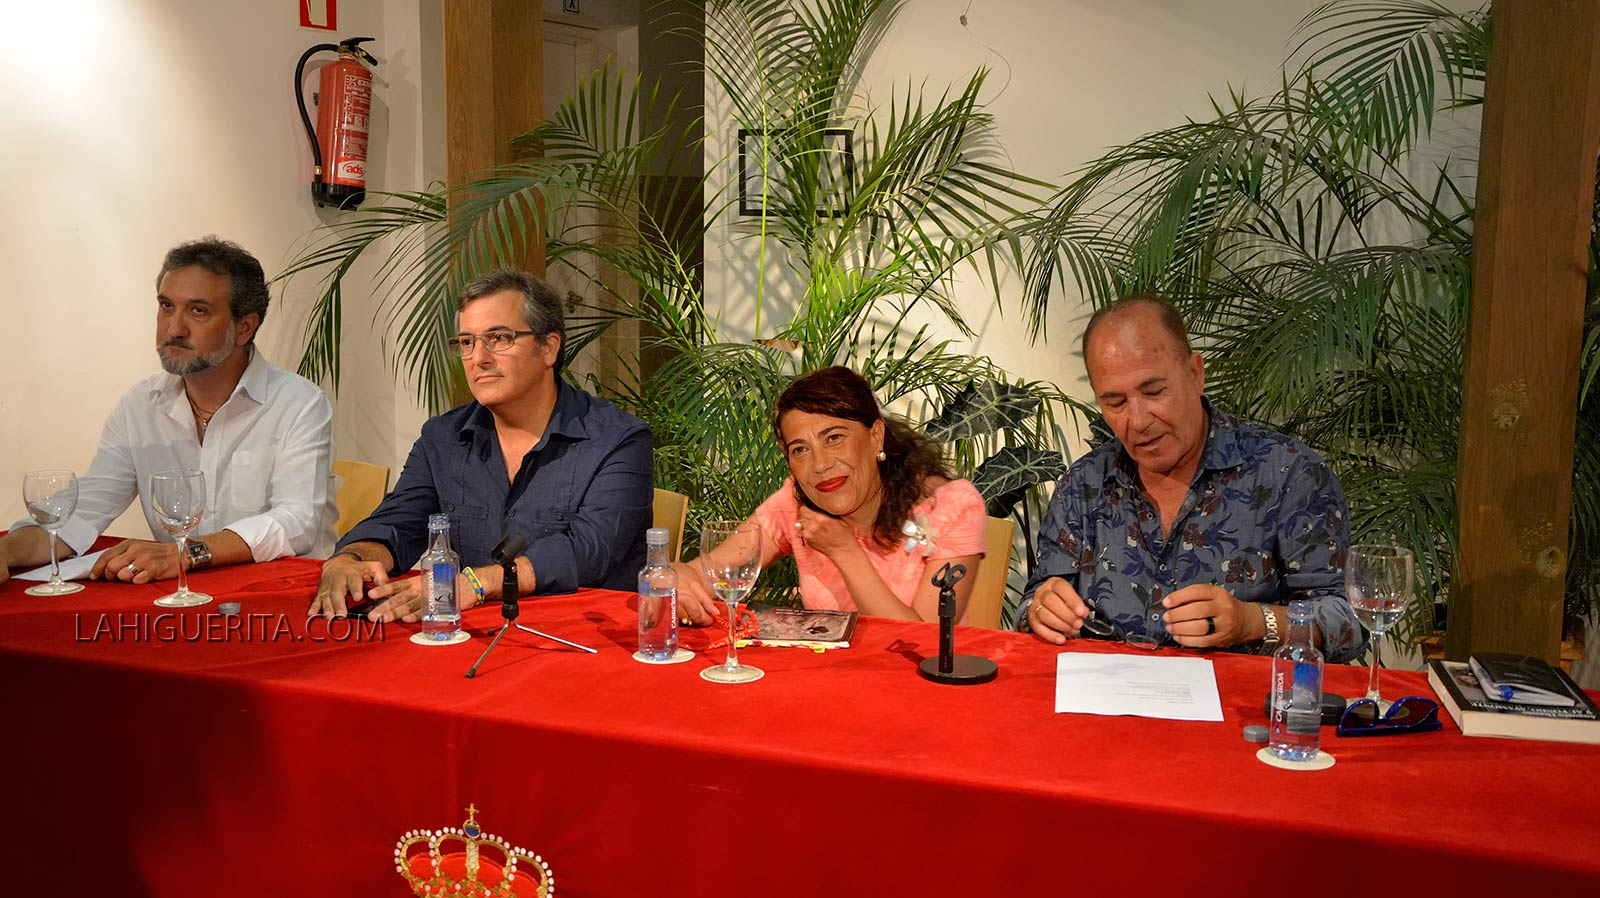 No pongas Nombre al Olvido, nuevo poemario de María Luisa Domínguez Borrallo, presentado anoche en Isla Cristina